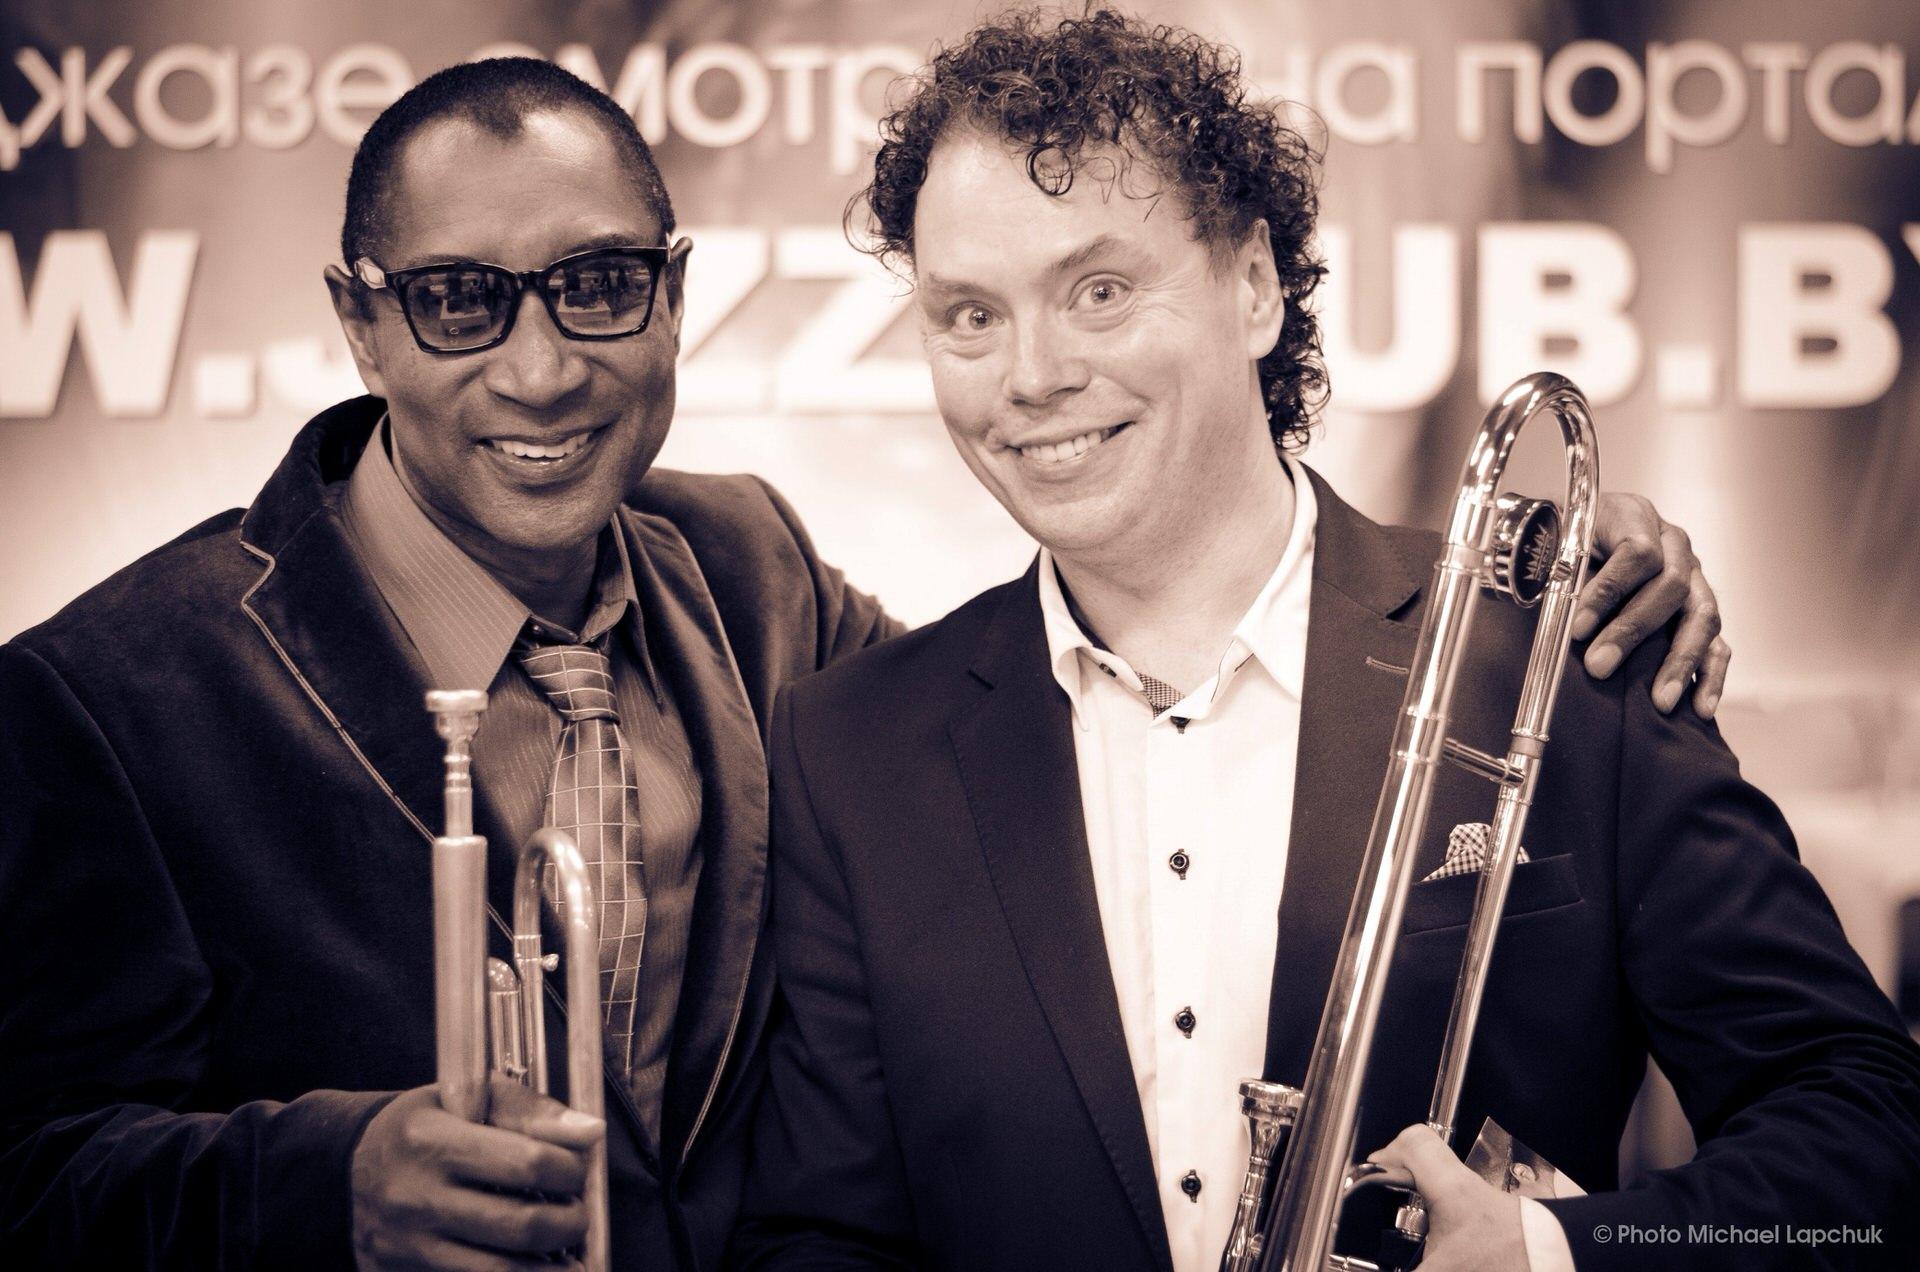 Джаз в Минске - JazzinMinsk: Евгений Владимиров и Michael Patches Stewart на концерте в Белорусском Джаз-Клубе